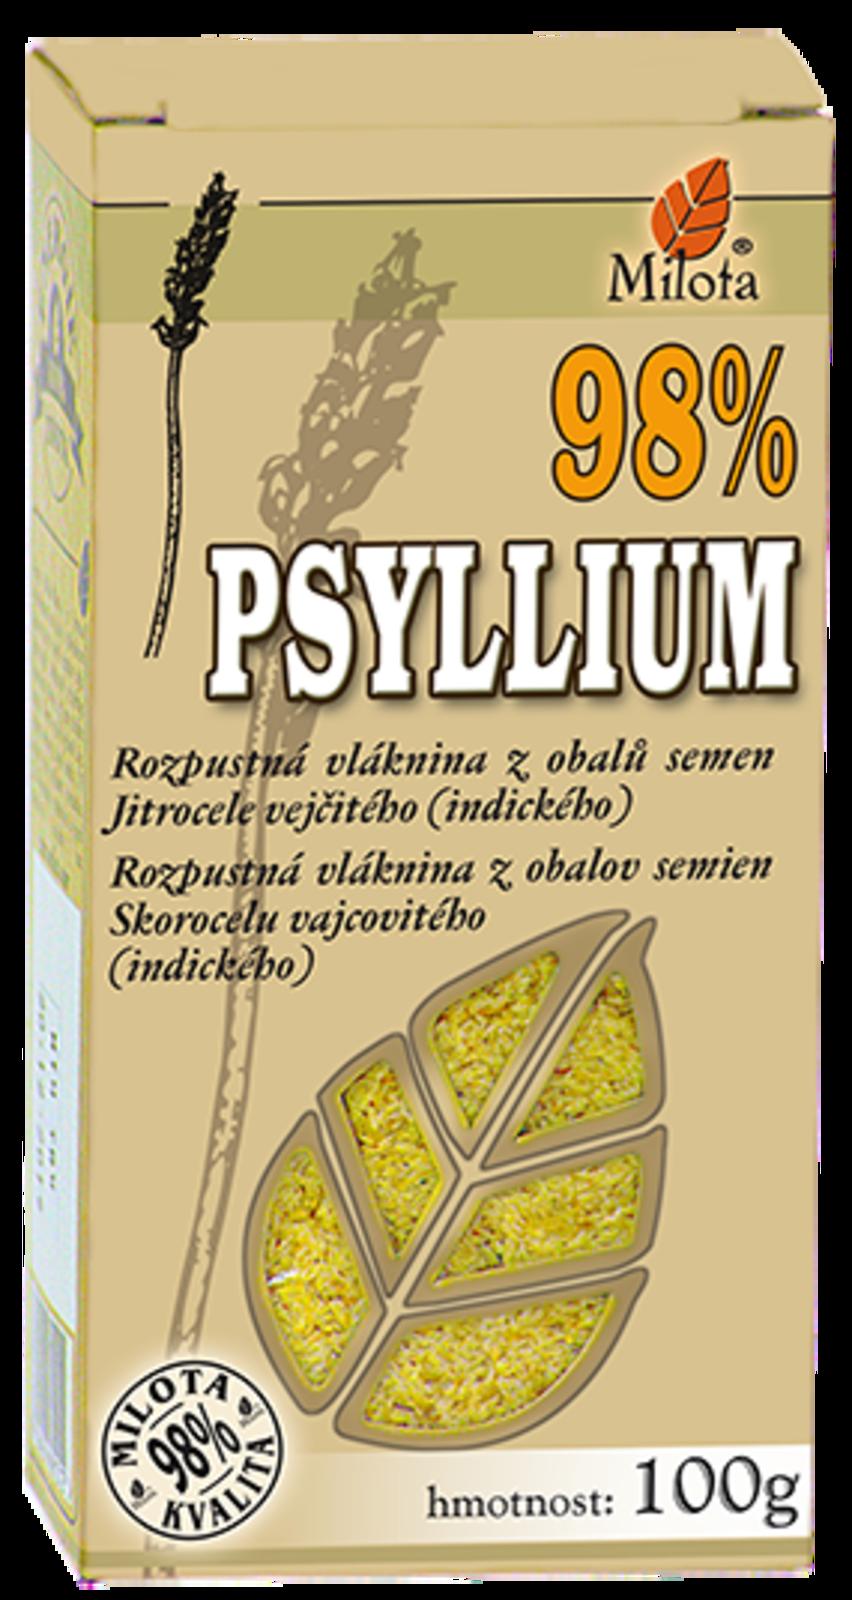 Psyllium 98% čistota přírodní vláknina 100g Psyllium ovata Husk